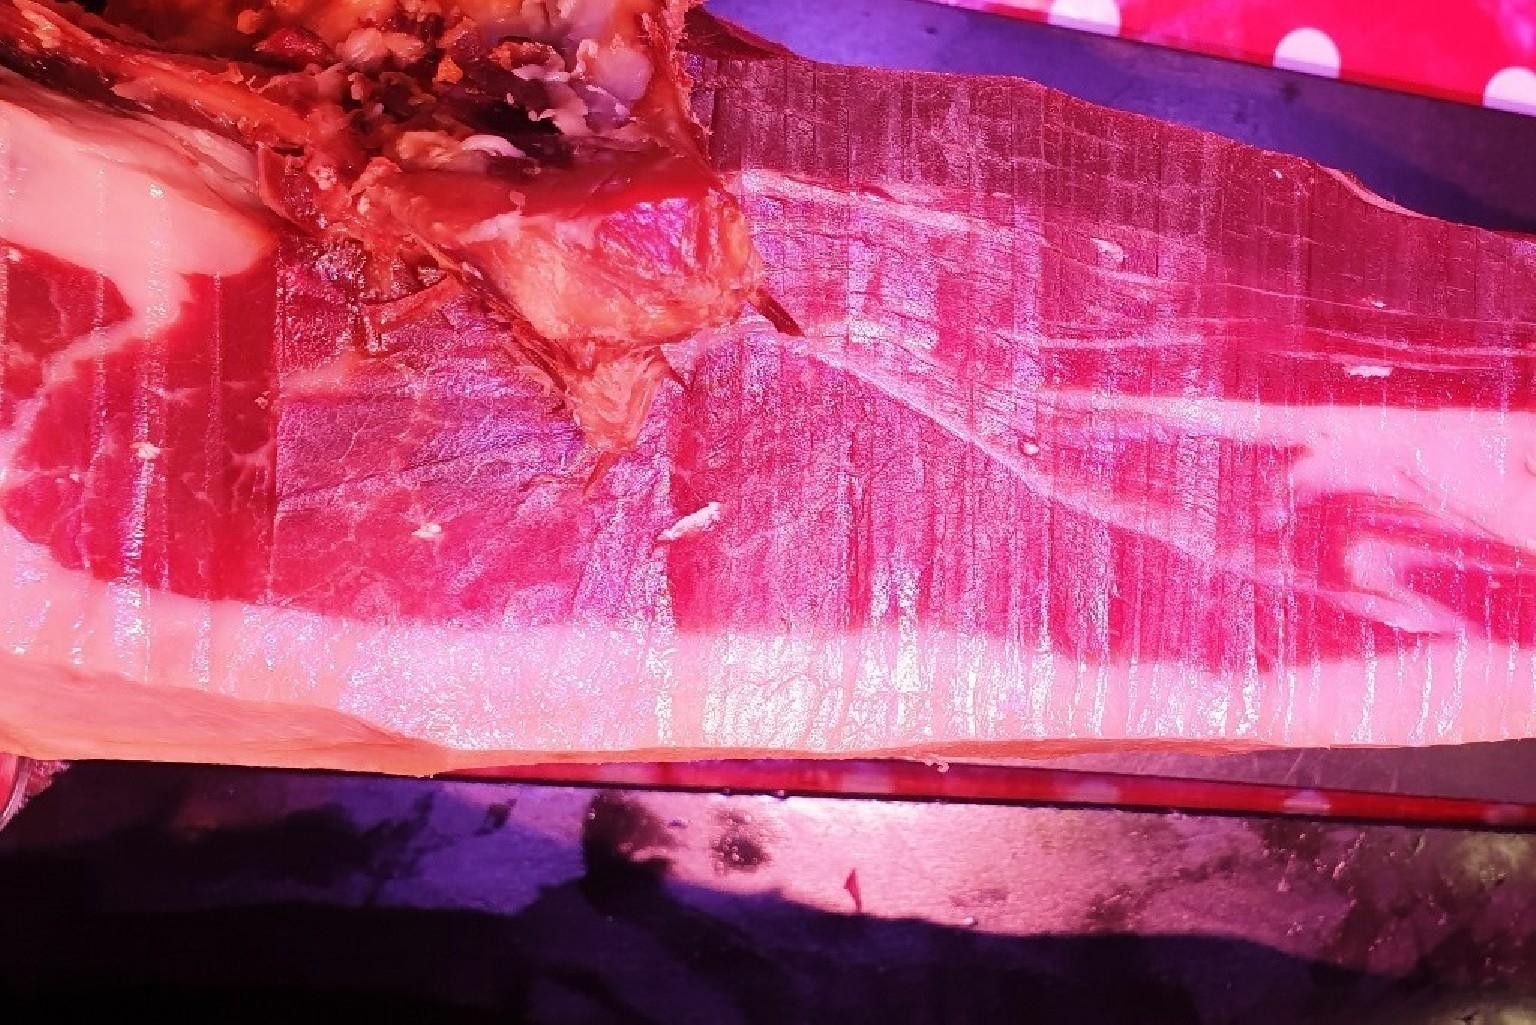 Delicioso jamón ibérico de bellota al corte del mercado de Almería